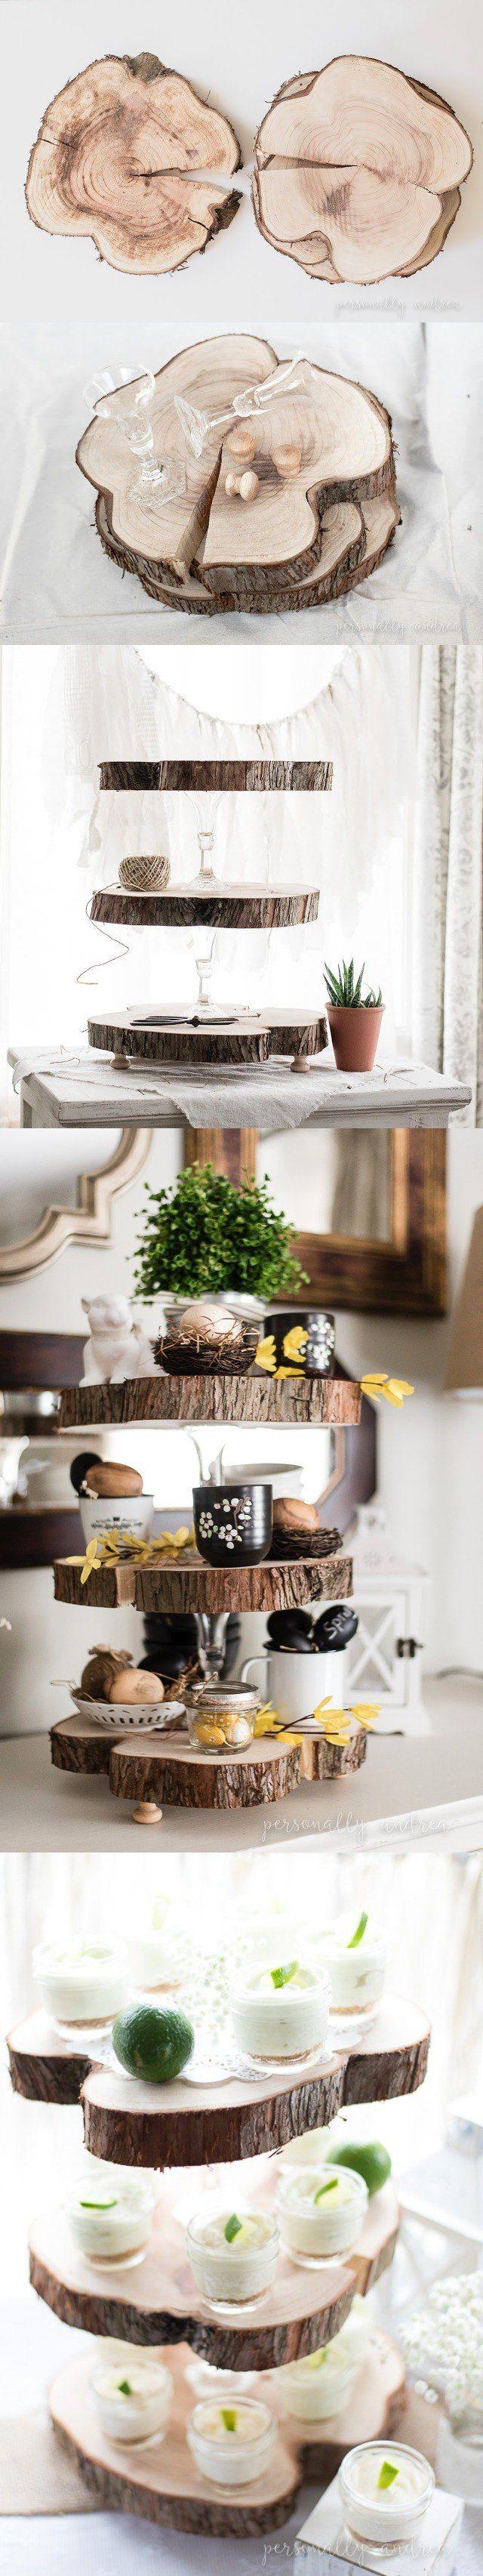 Bandeja DIY de tres alturas - personallyandrea.com - DIY Rustic Three Tier Wood Slice Stand